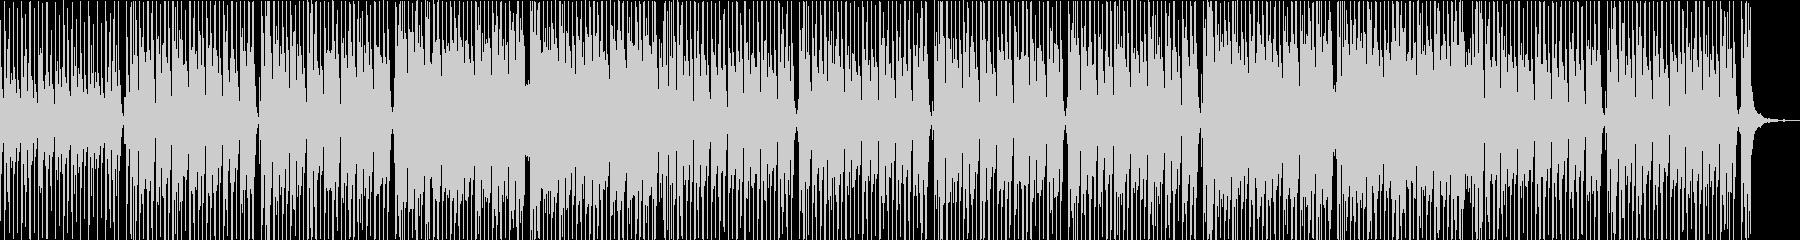 コミカルで可愛いアップテンポなポップスの未再生の波形